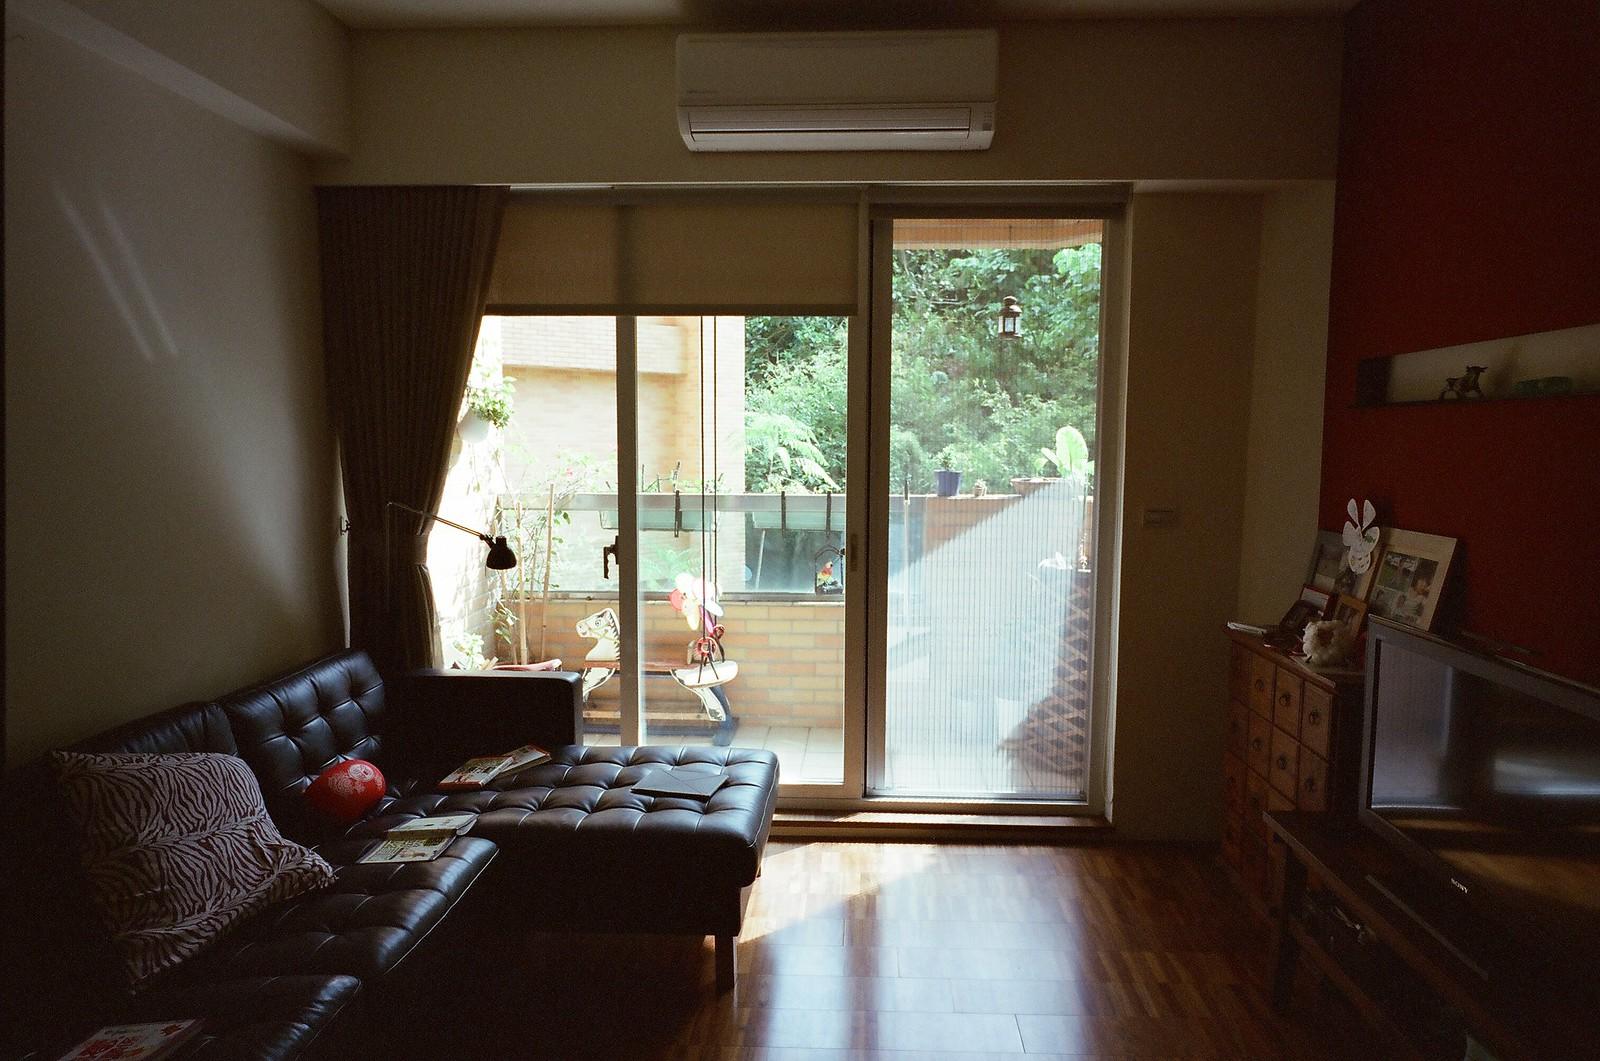 14994317173 c95227b267 h - Аренда или покупка элитных апартаментов – как выбрать